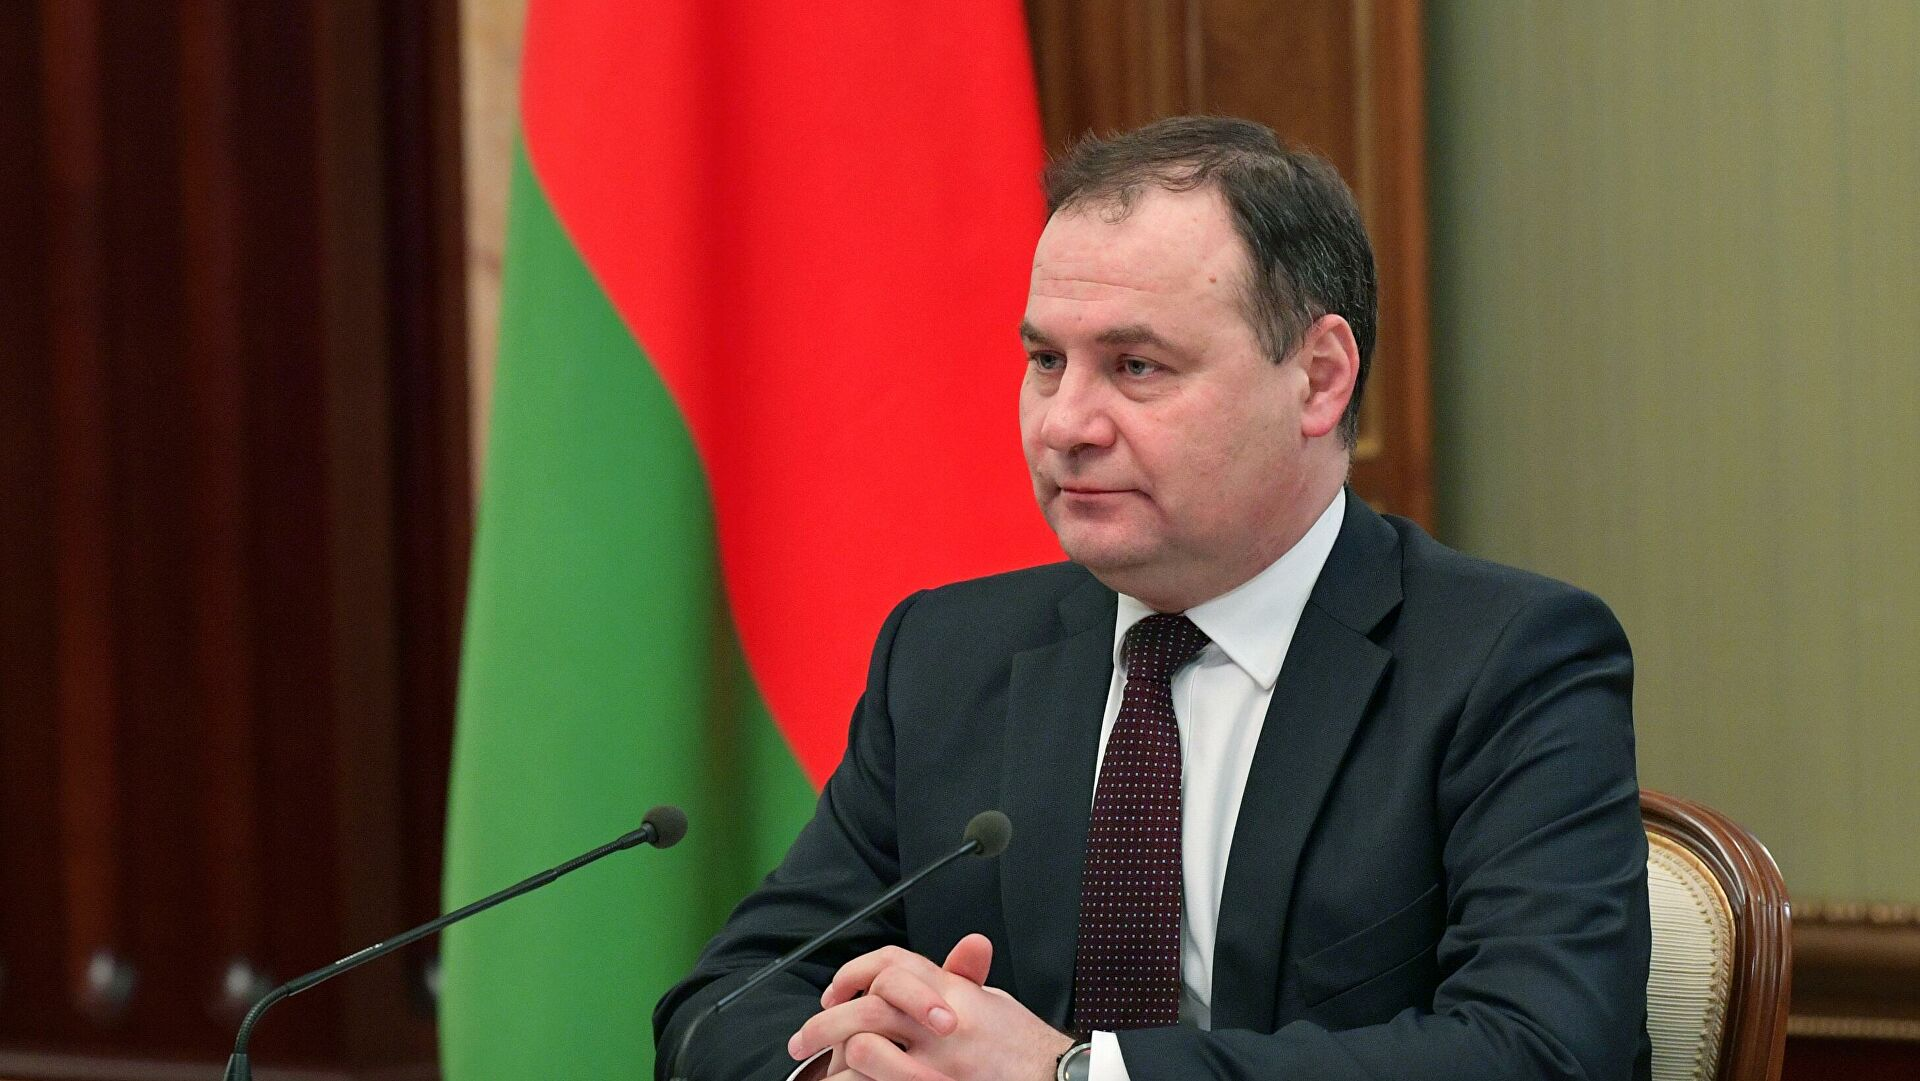 Belorusija spremna da recipročno odgovori na ekonomske sankcije Zapada